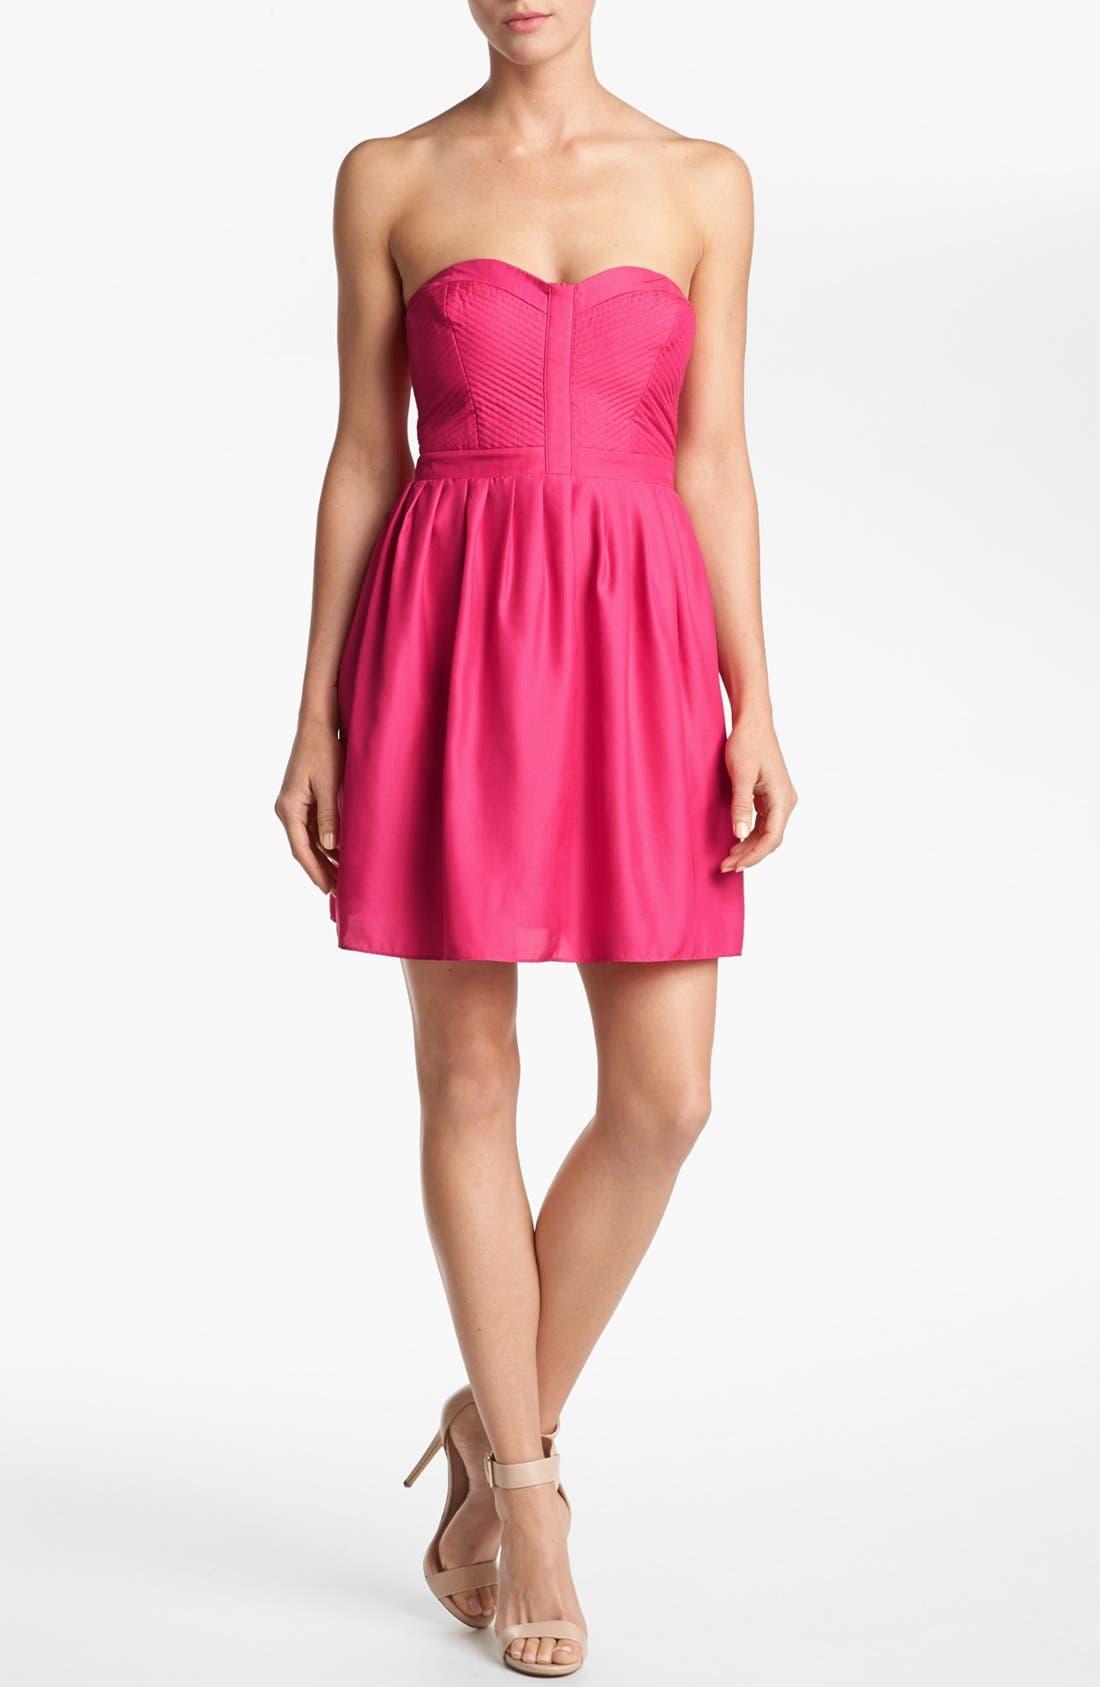 Alternate Image 1 Selected - Devlin Strapless Dress